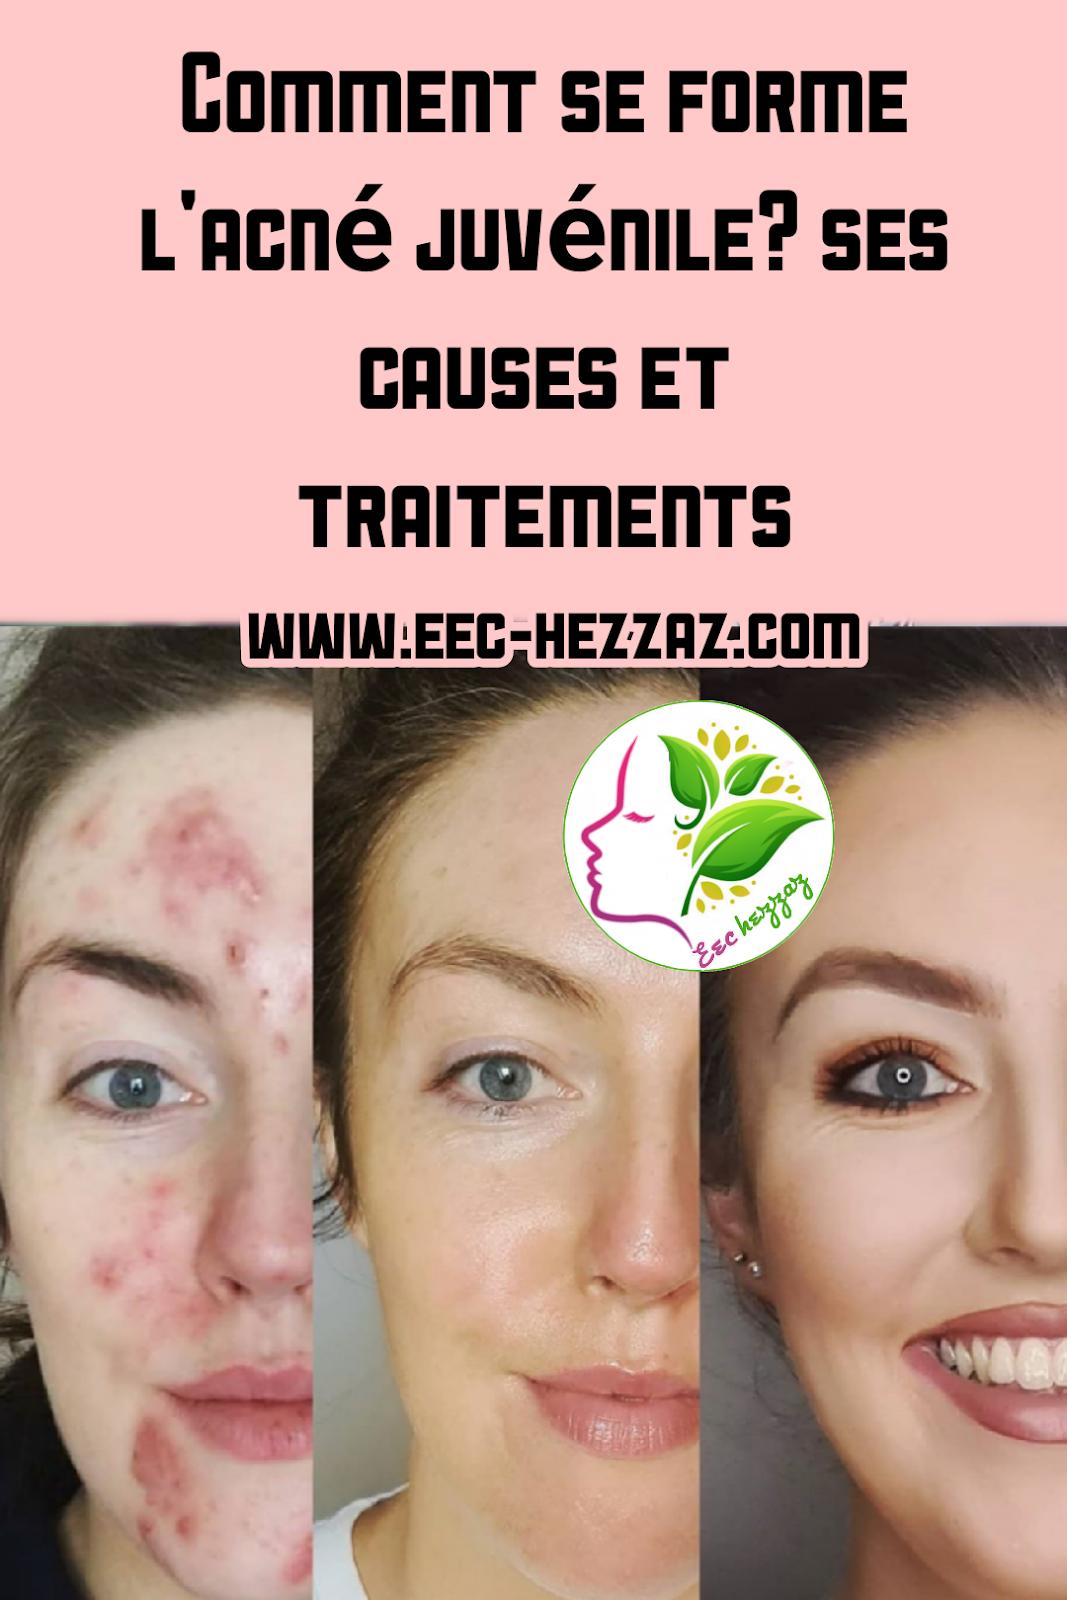 Comment se forme l'acné juvénile? ses causes et traitements